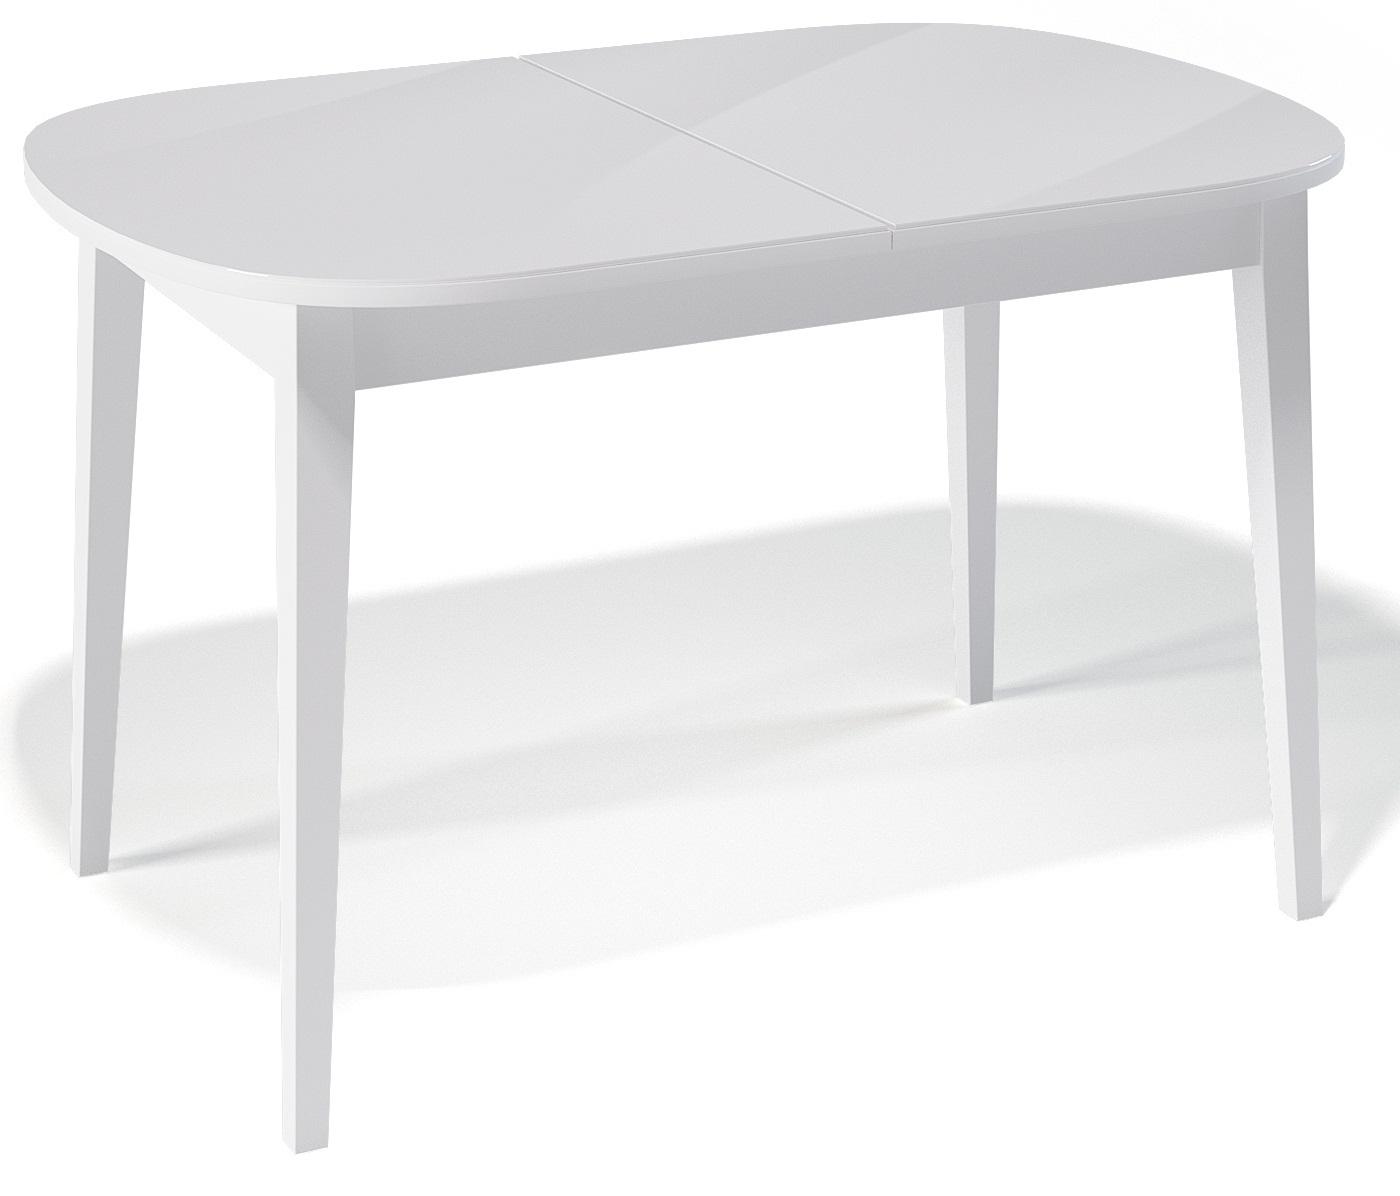 Стол со стеклом белый из дерева для кухни овальный раздвижной 130-170 см. (арт. М4260)